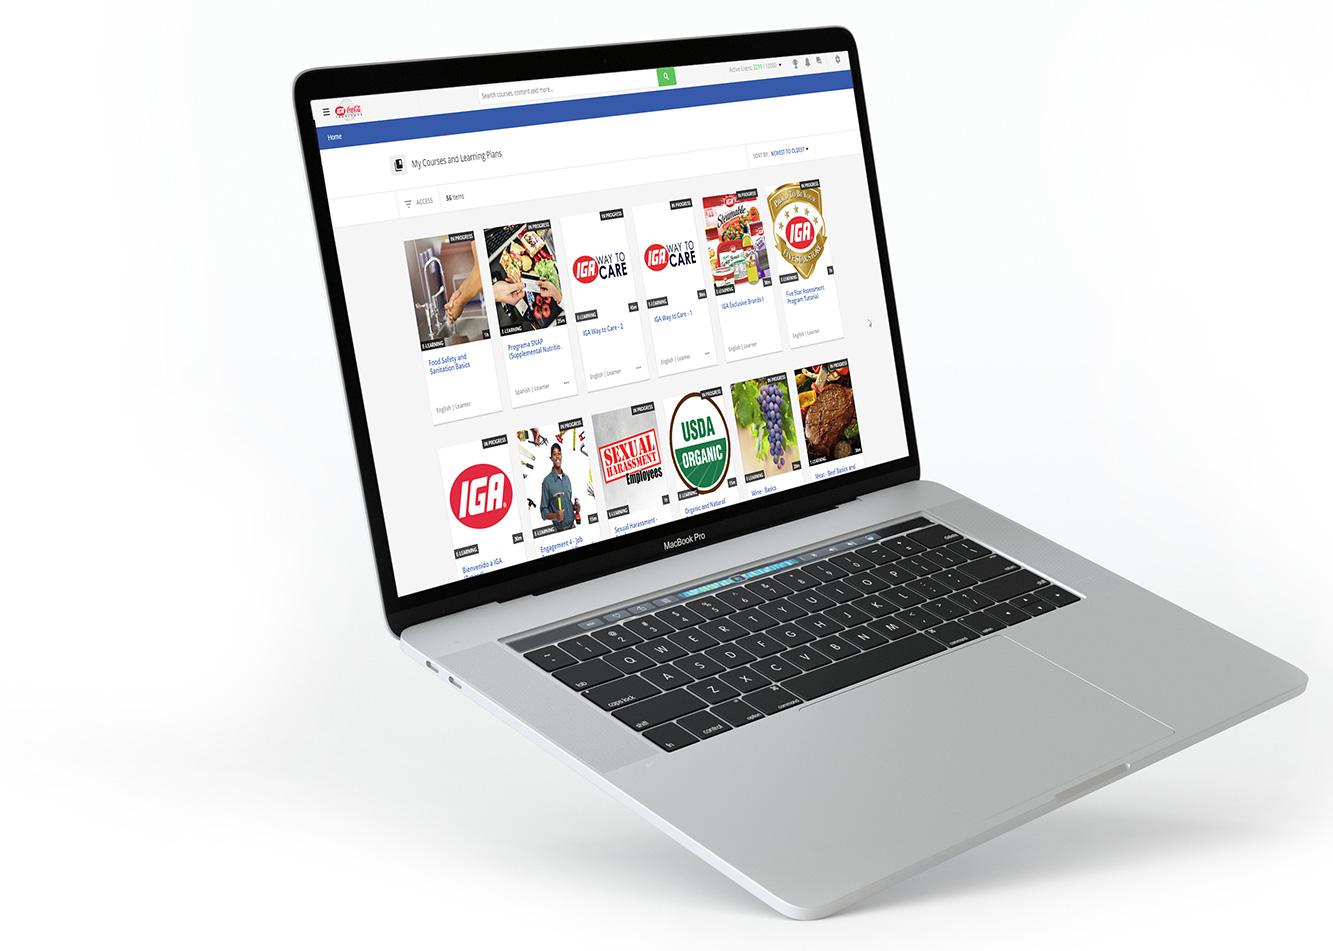 Computadora portátil flotando que muestra el Dashboard del LMS con cursos